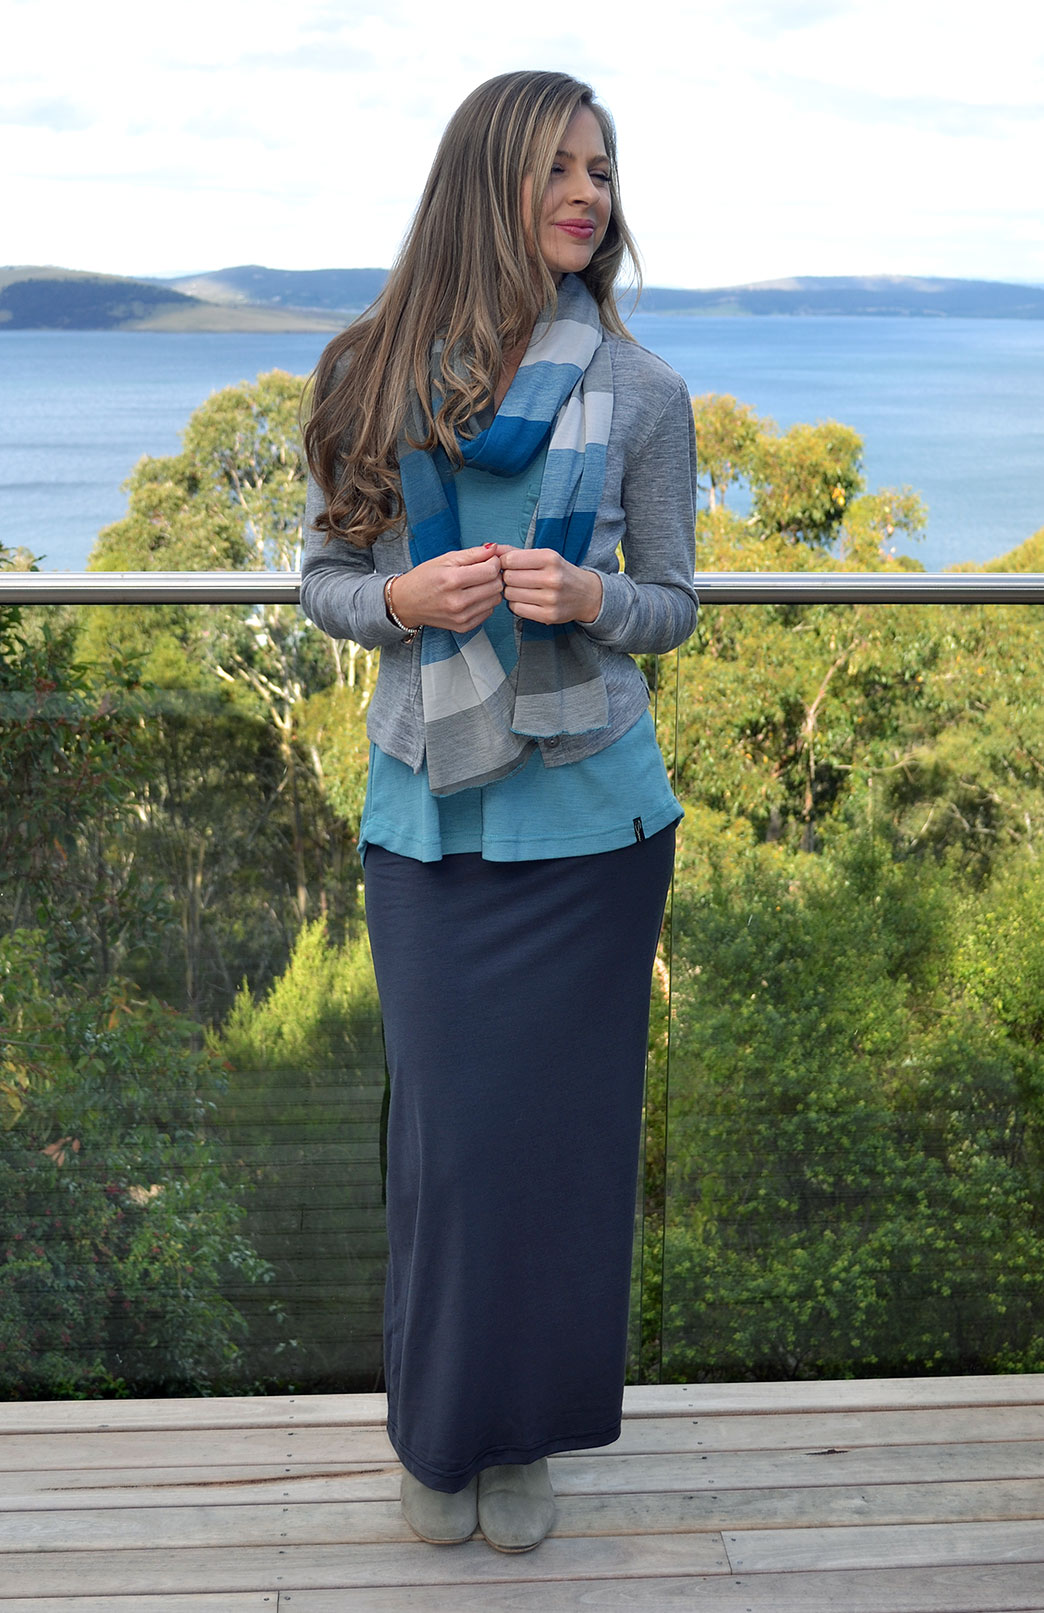 Maxi Skirt - Women's Steel Grey Wool Summer Maxi Skirt - Smitten Merino Tasmania Australia